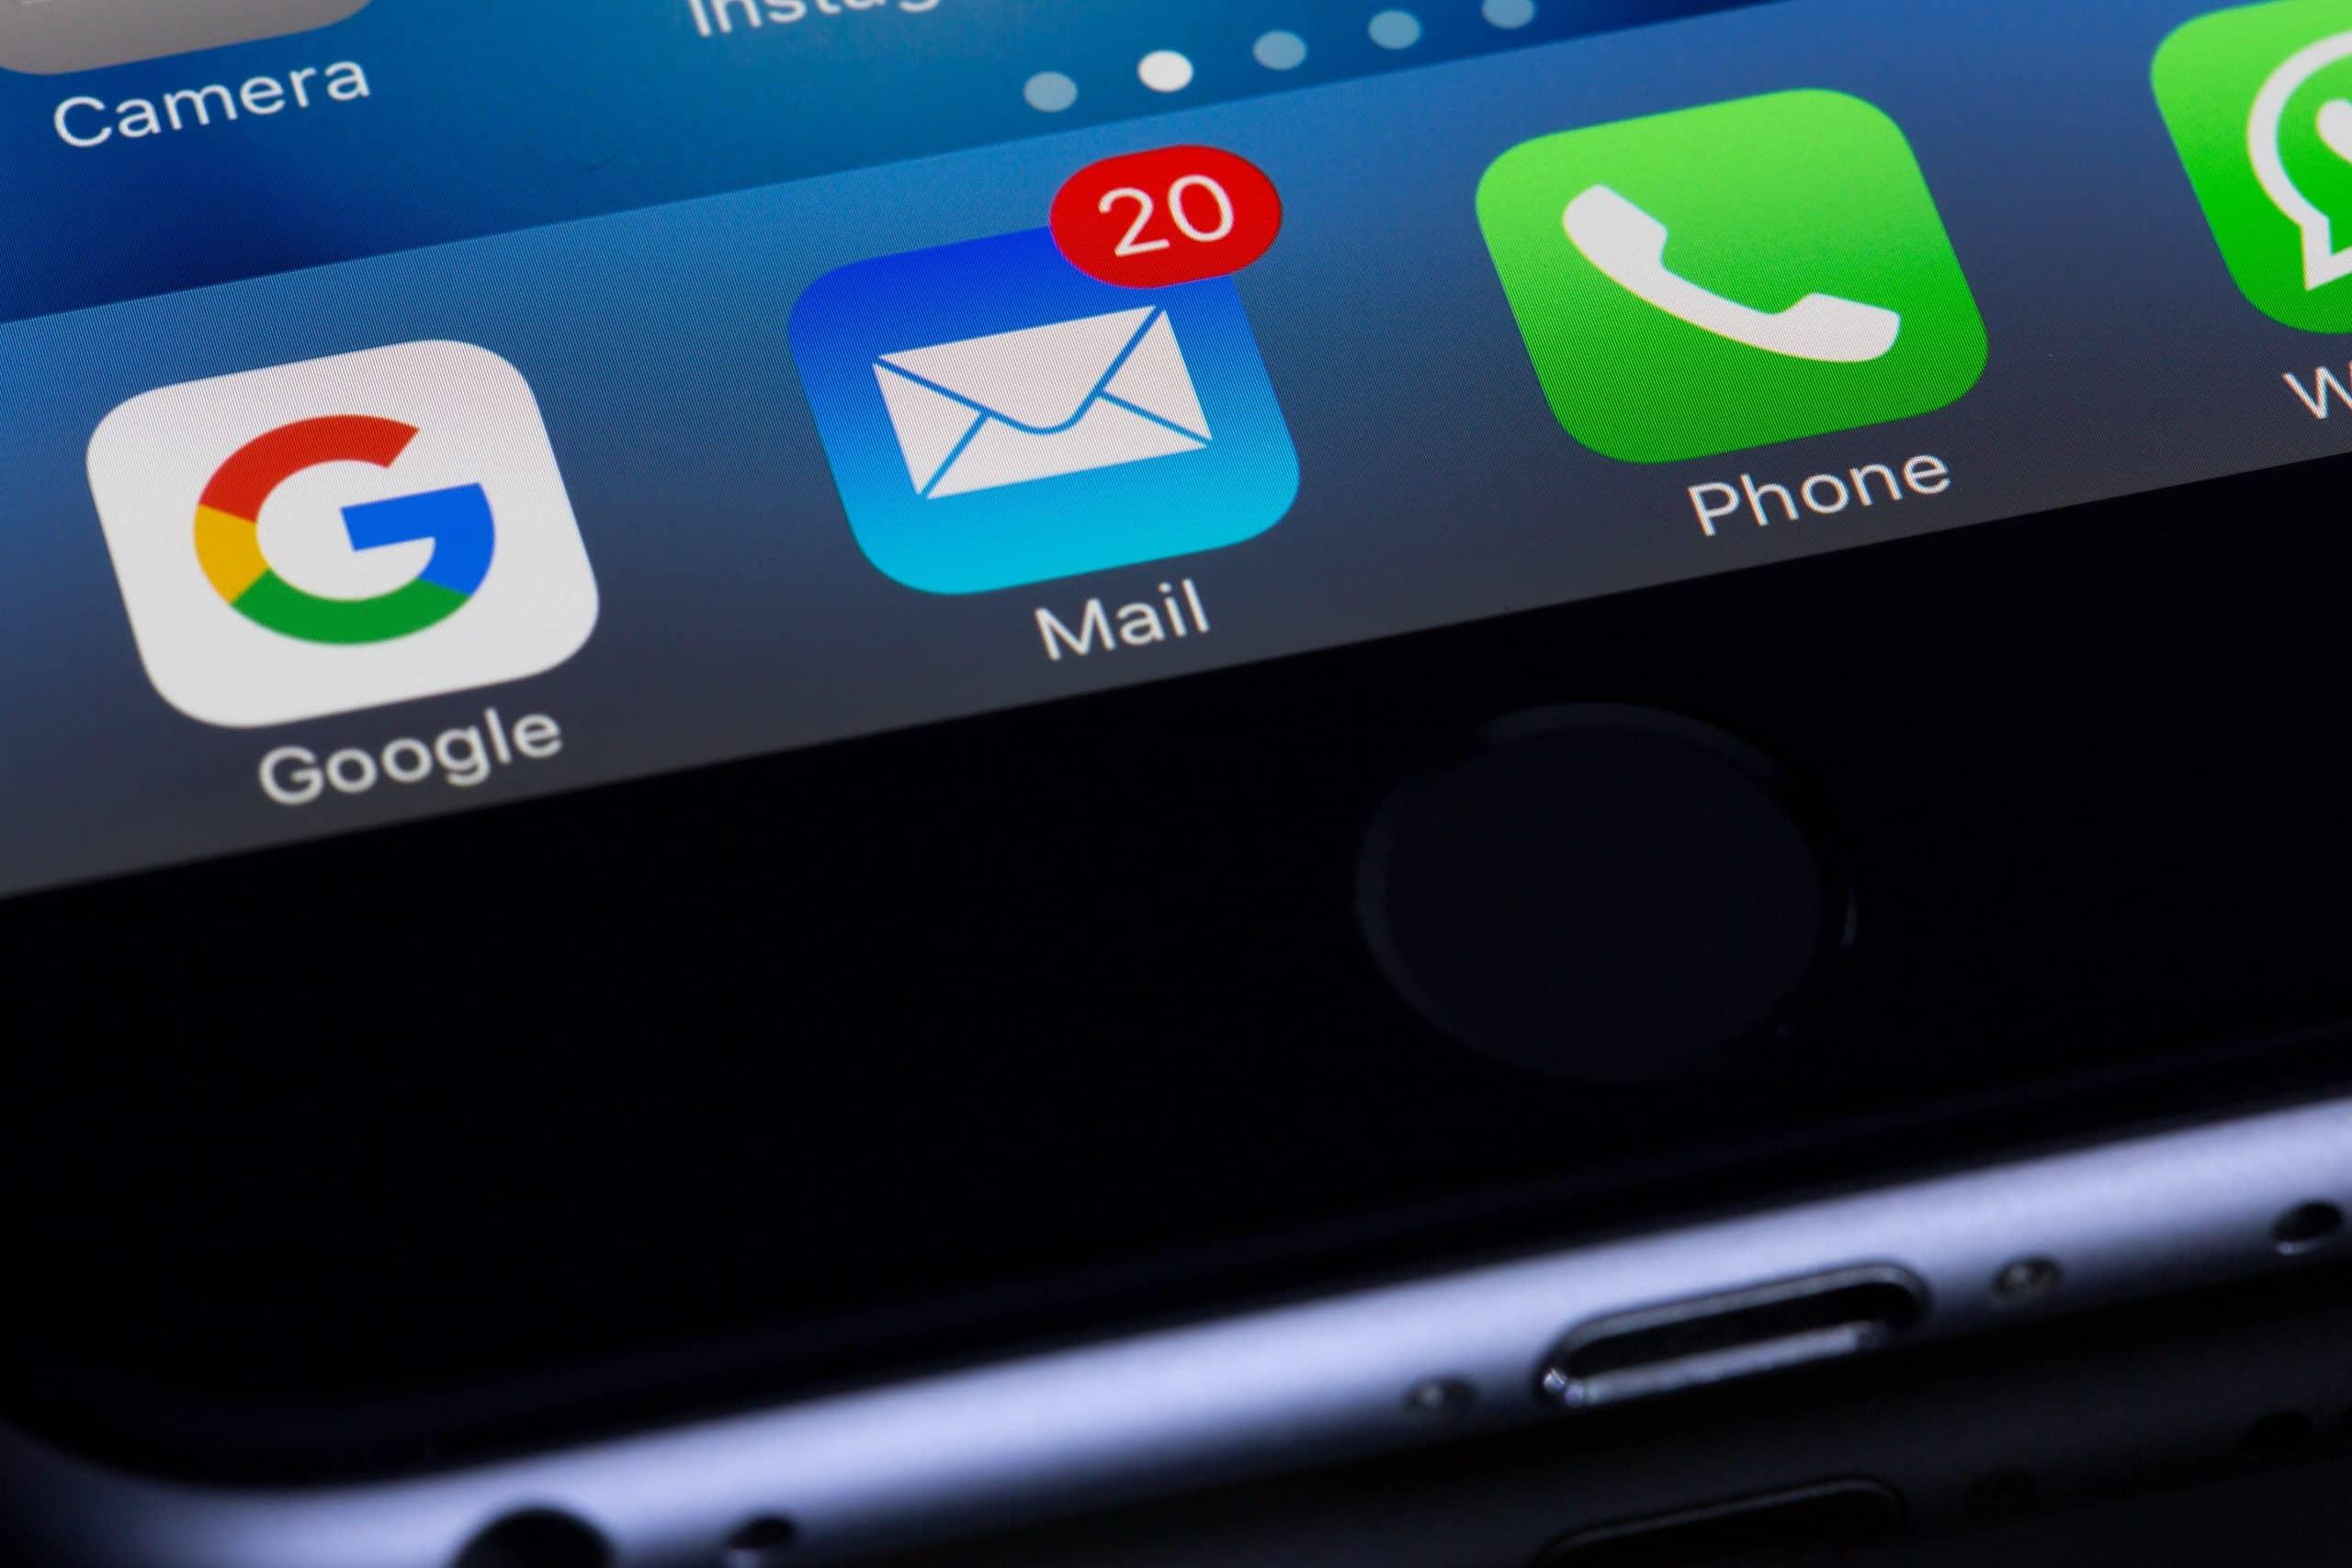 Les 7 étapes indispensables pour déployer une stratégie emailing